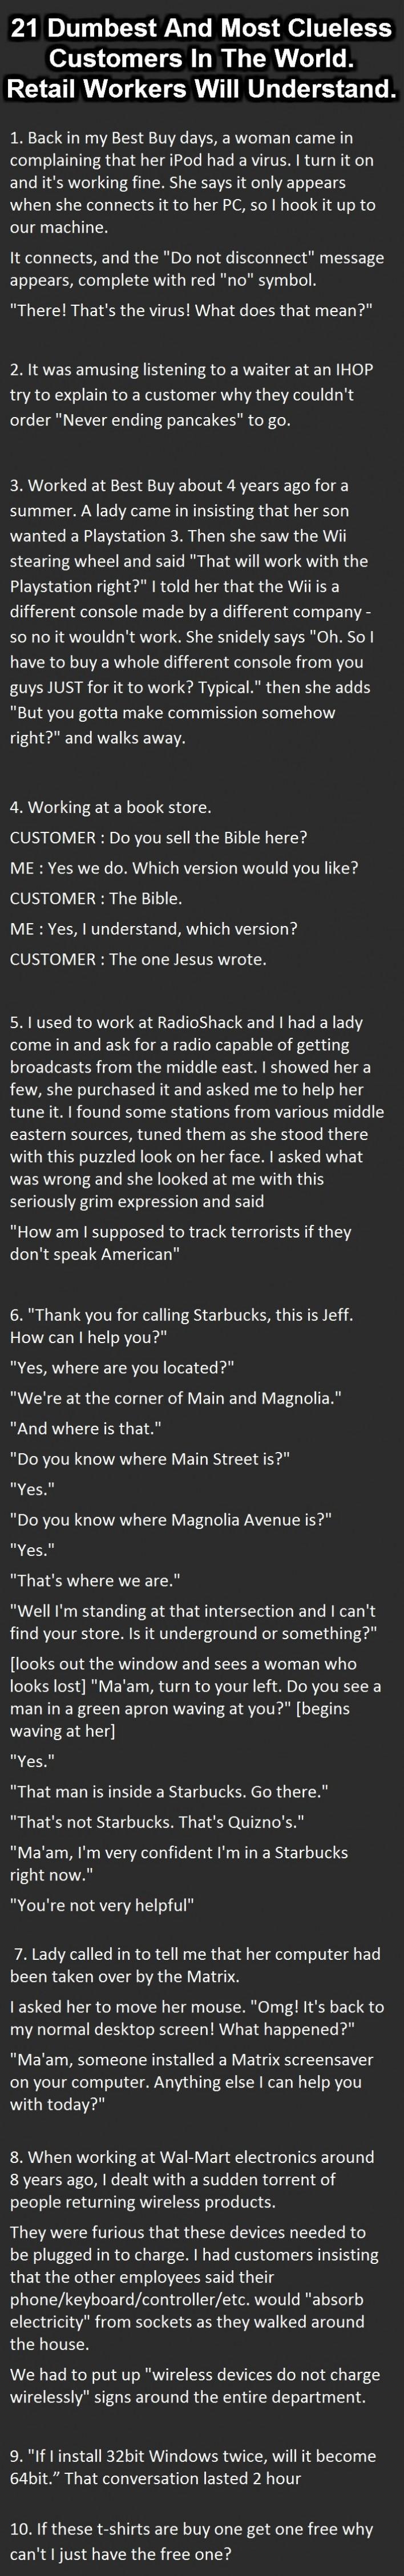 dumb customer